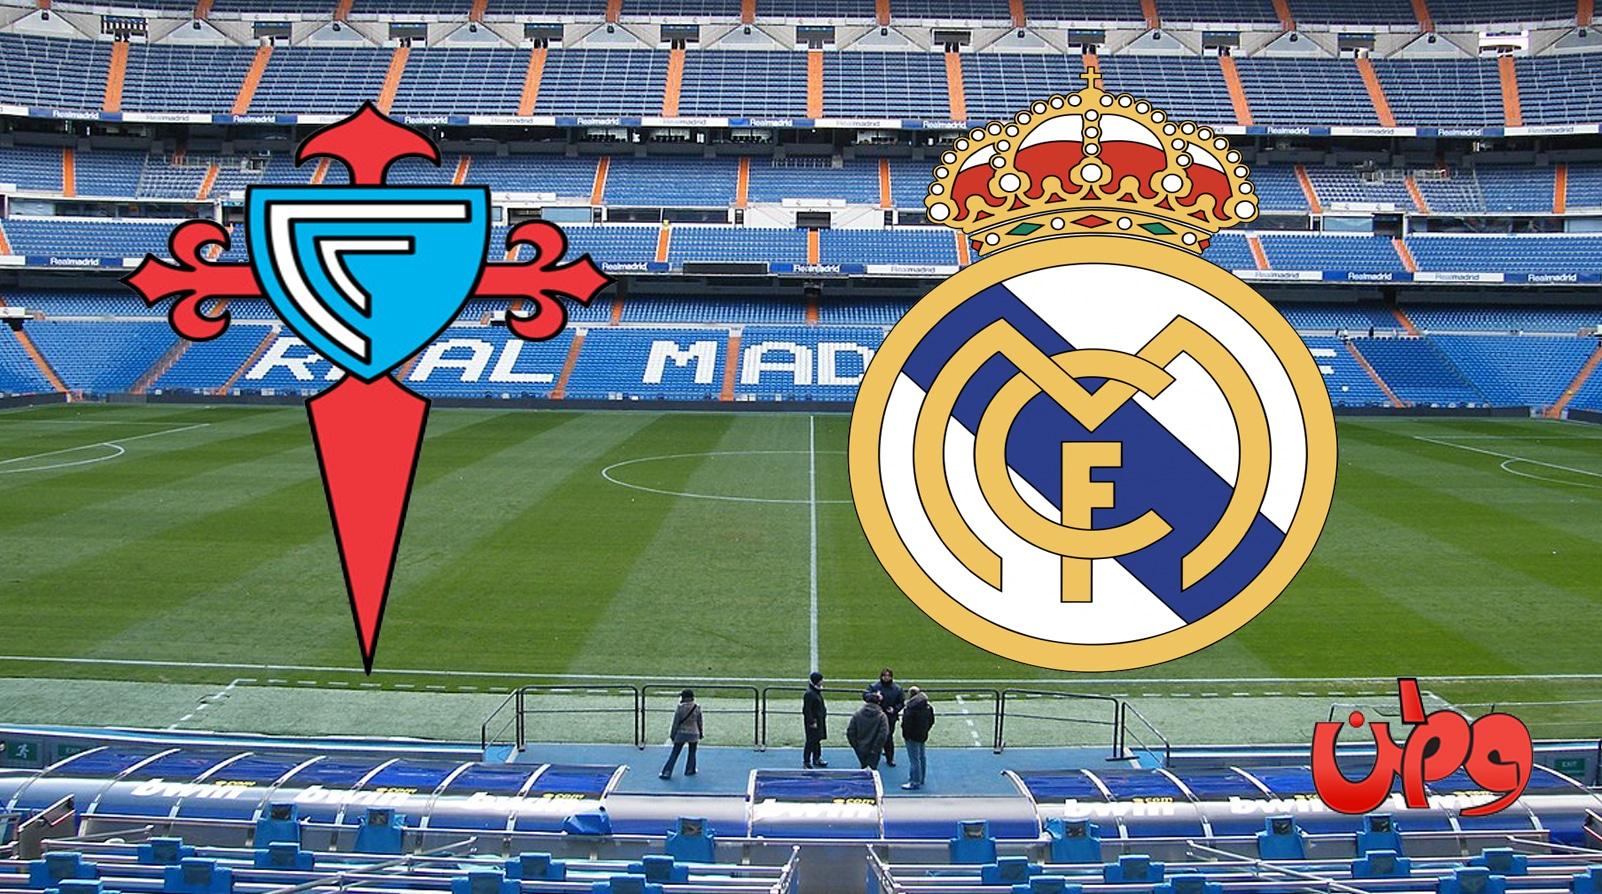 موعد مباراة ريال مدريد وسيلتا فيغو في الدوري الإنجليزي والقنوات الناقلة